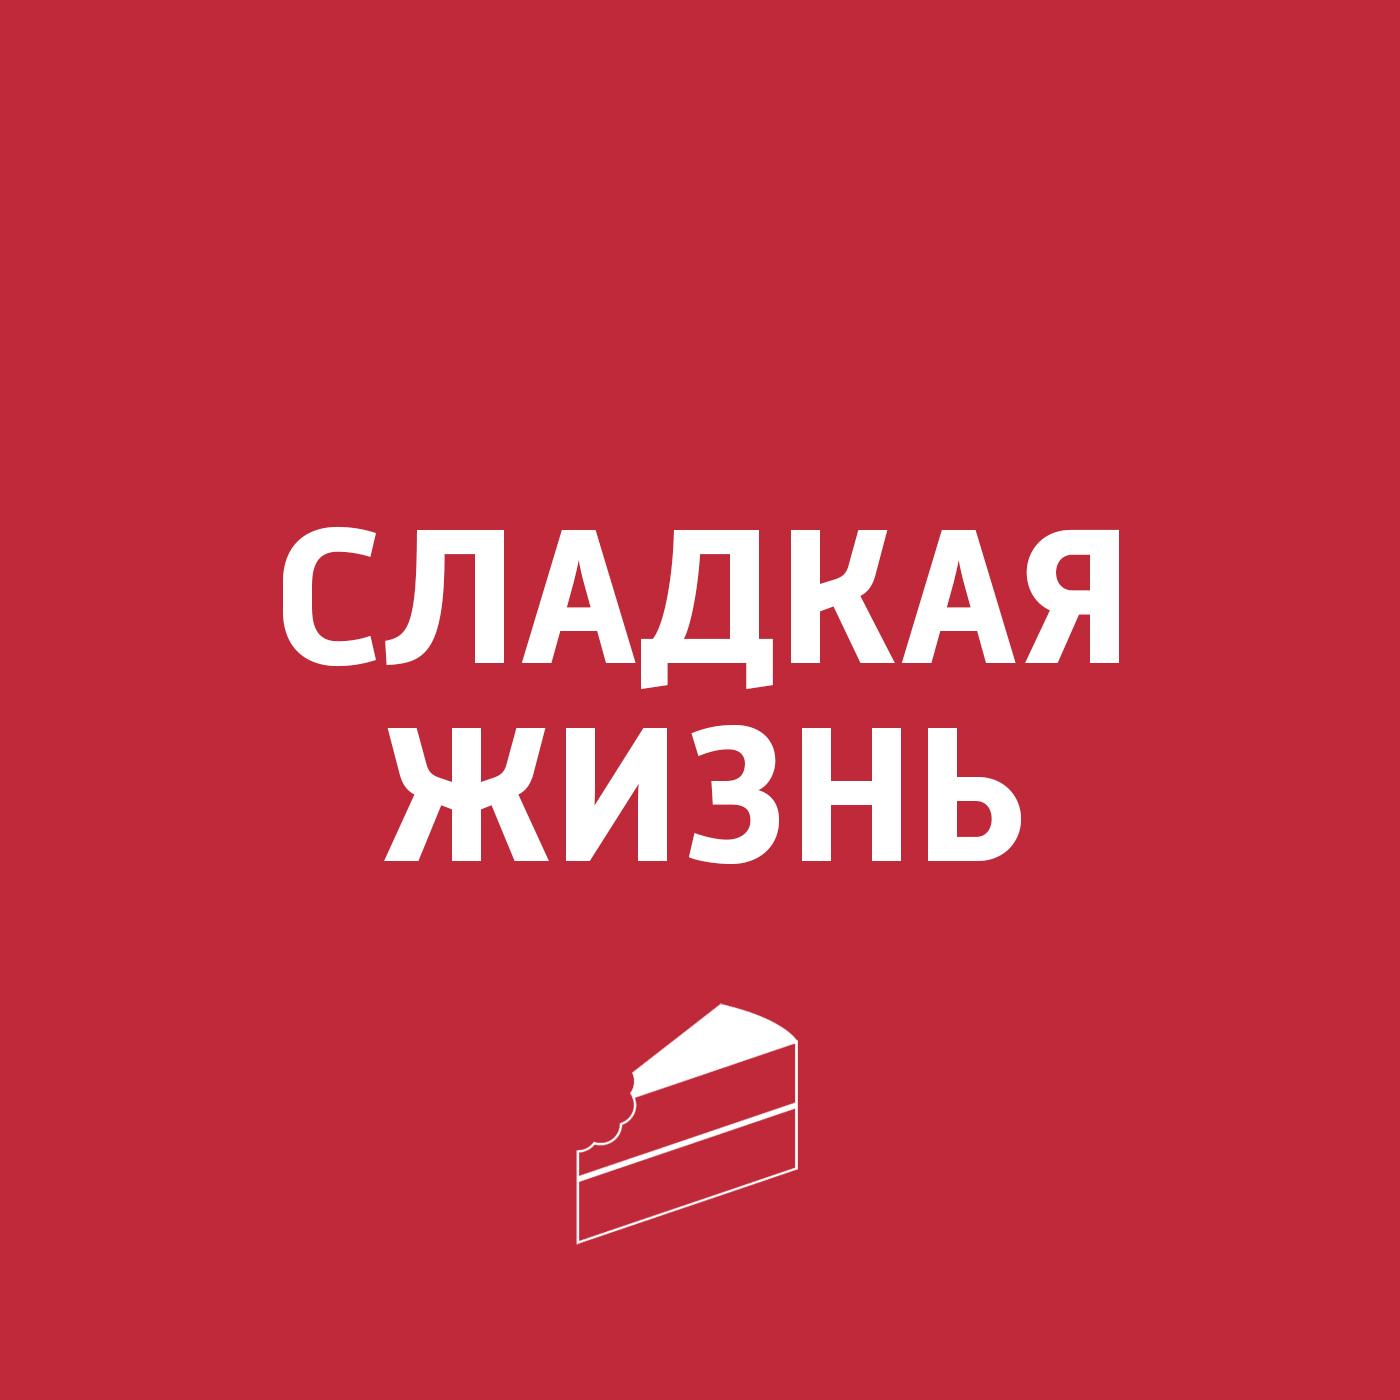 Картаев Павел Шербет полевицкий н домашнее приготовление фруктовых прохладительных напитков